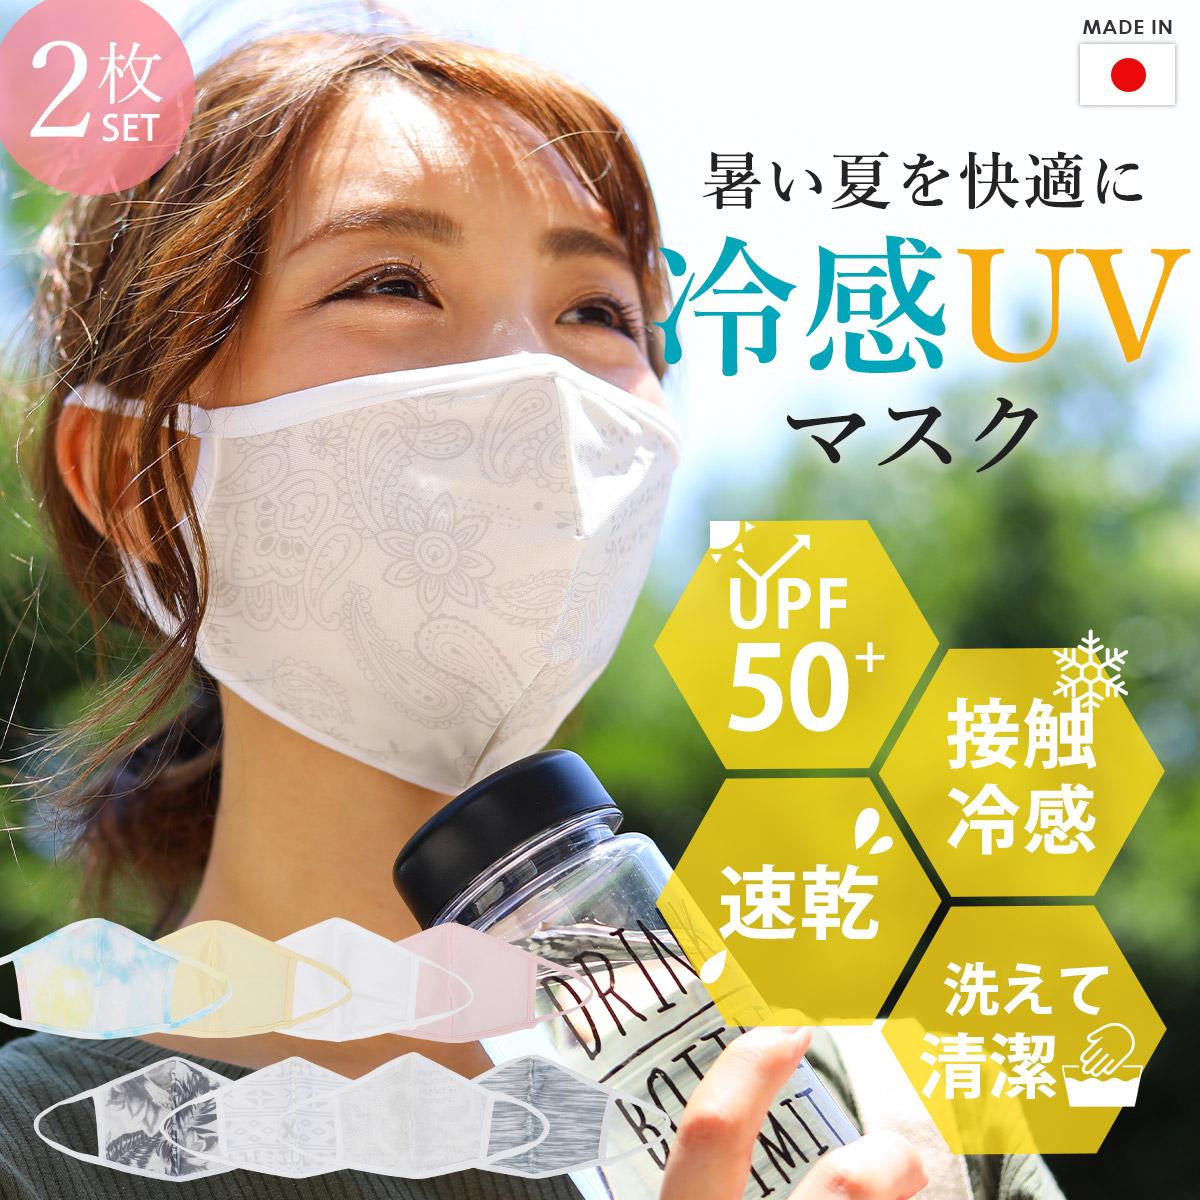 ランキング 涼しい マスク